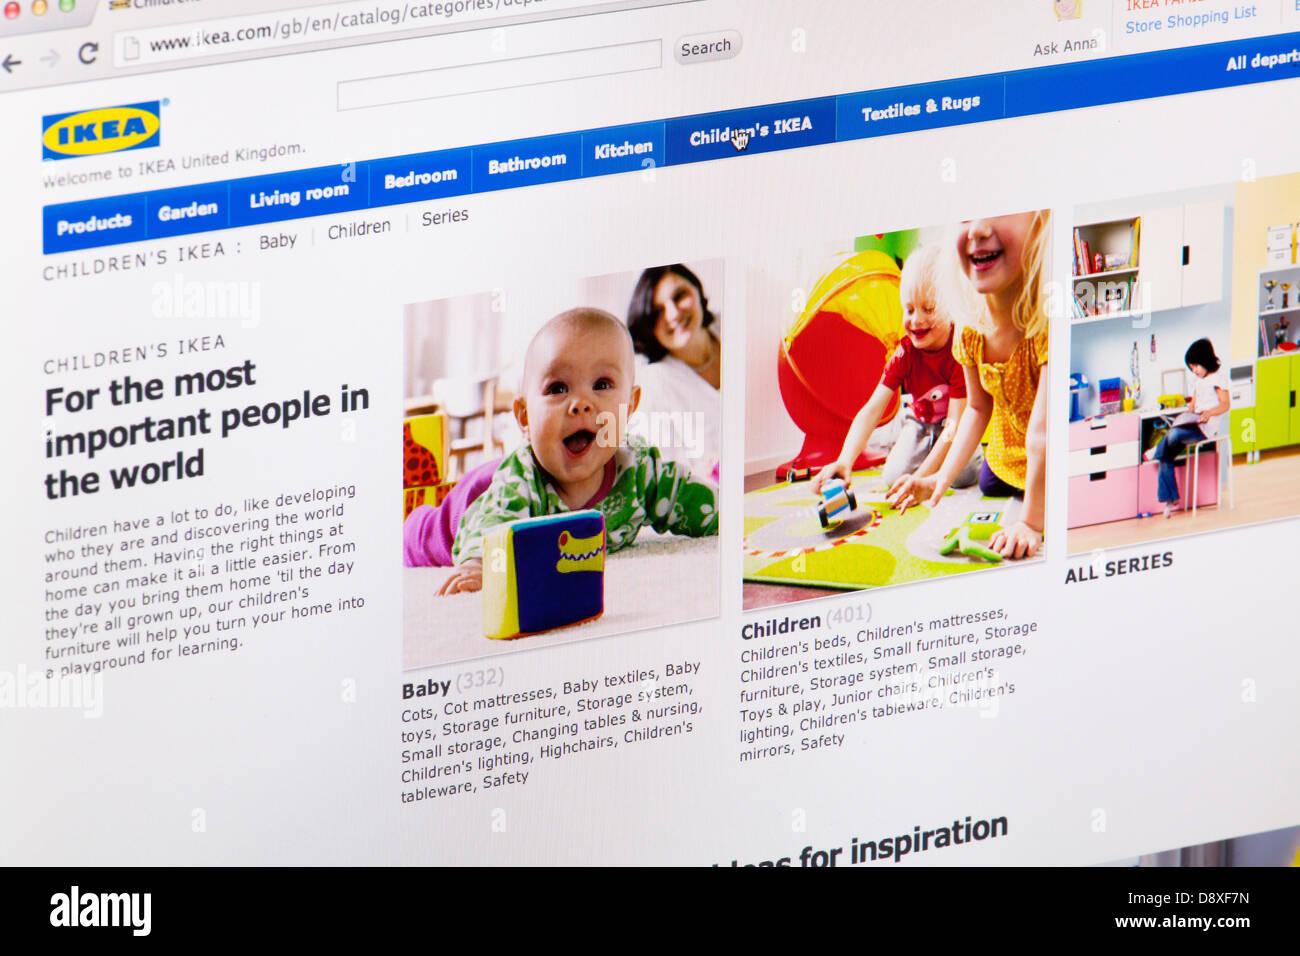 Ikea Di Arredamento Per La Casa Sito Web Online O Una Pagina Web Su